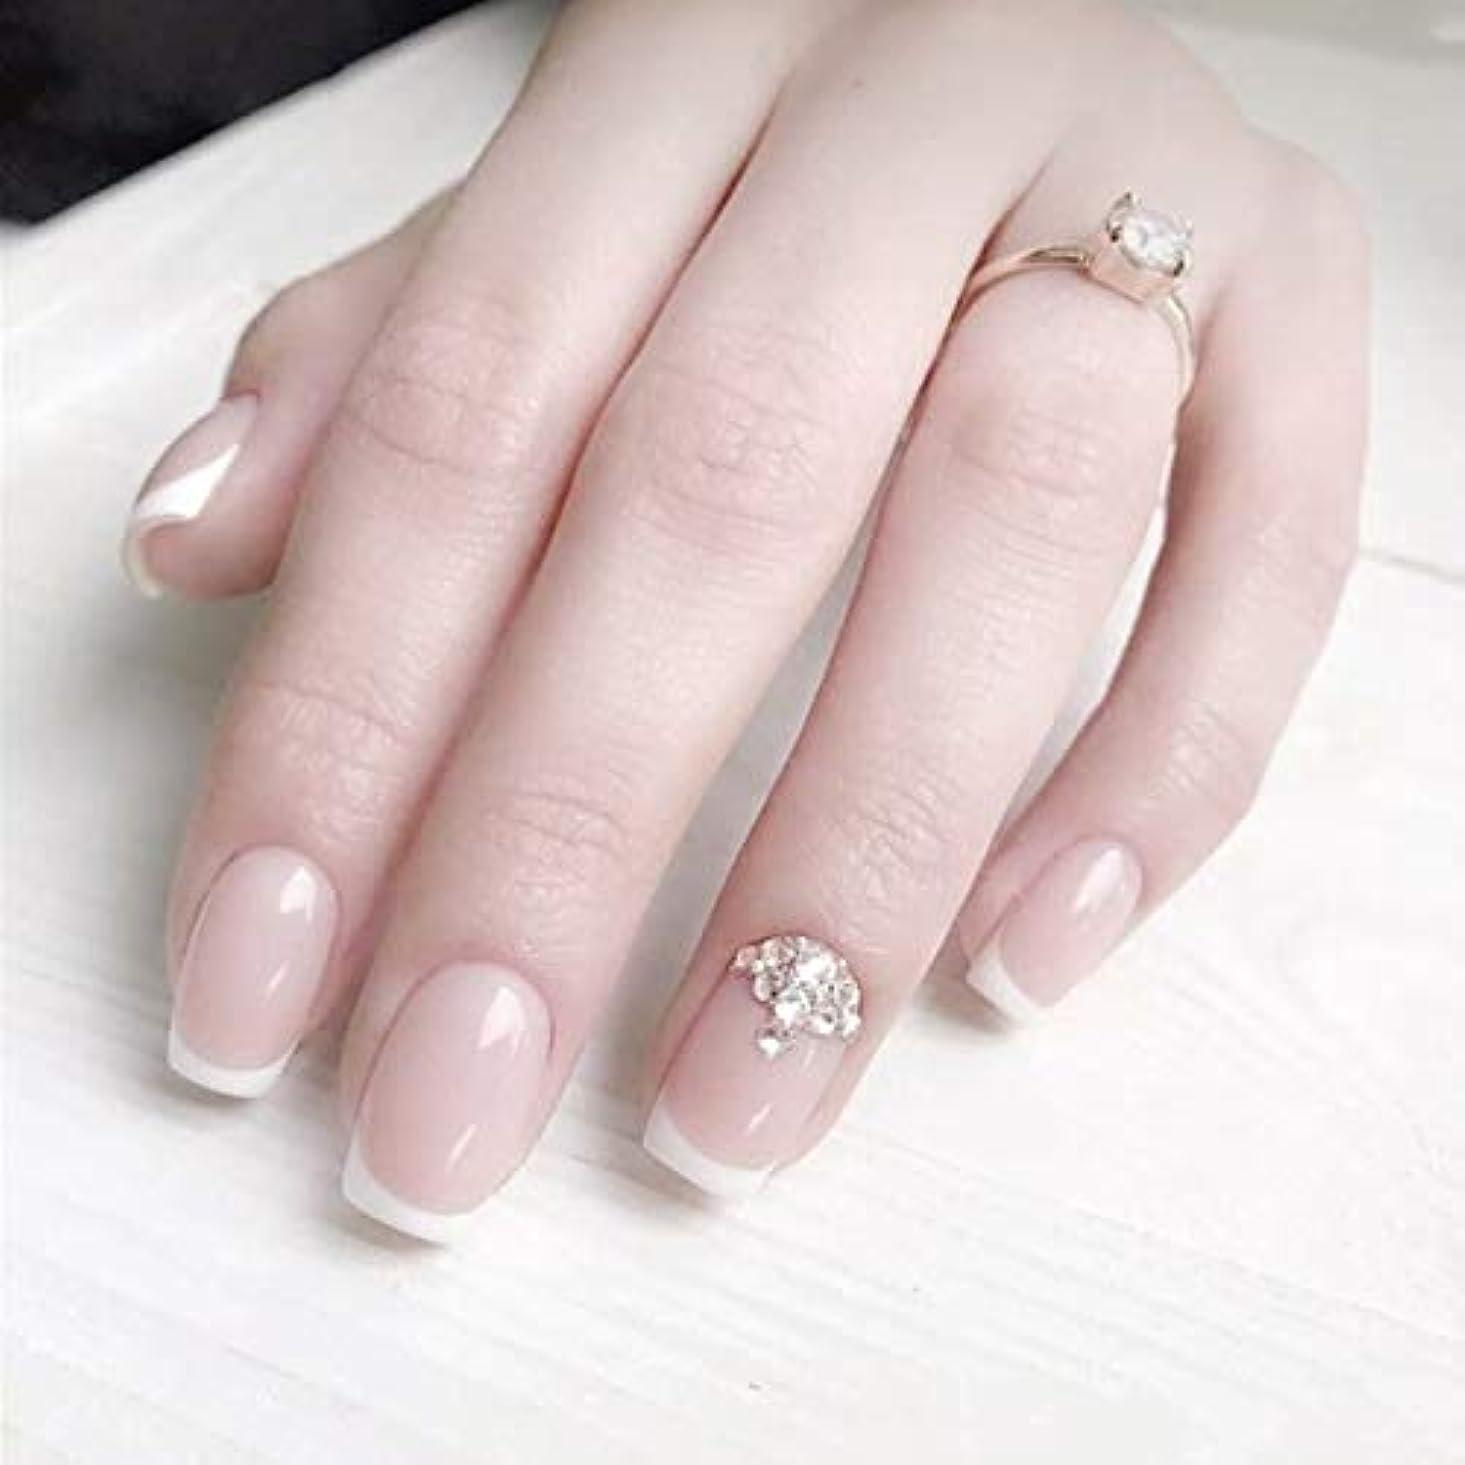 横たわる罹患率約設定ロマンチックのフランス風ネイルチップ 付け爪 花嫁ネイルパーツ つけ爪 ネイルジュエリー ネイルアート